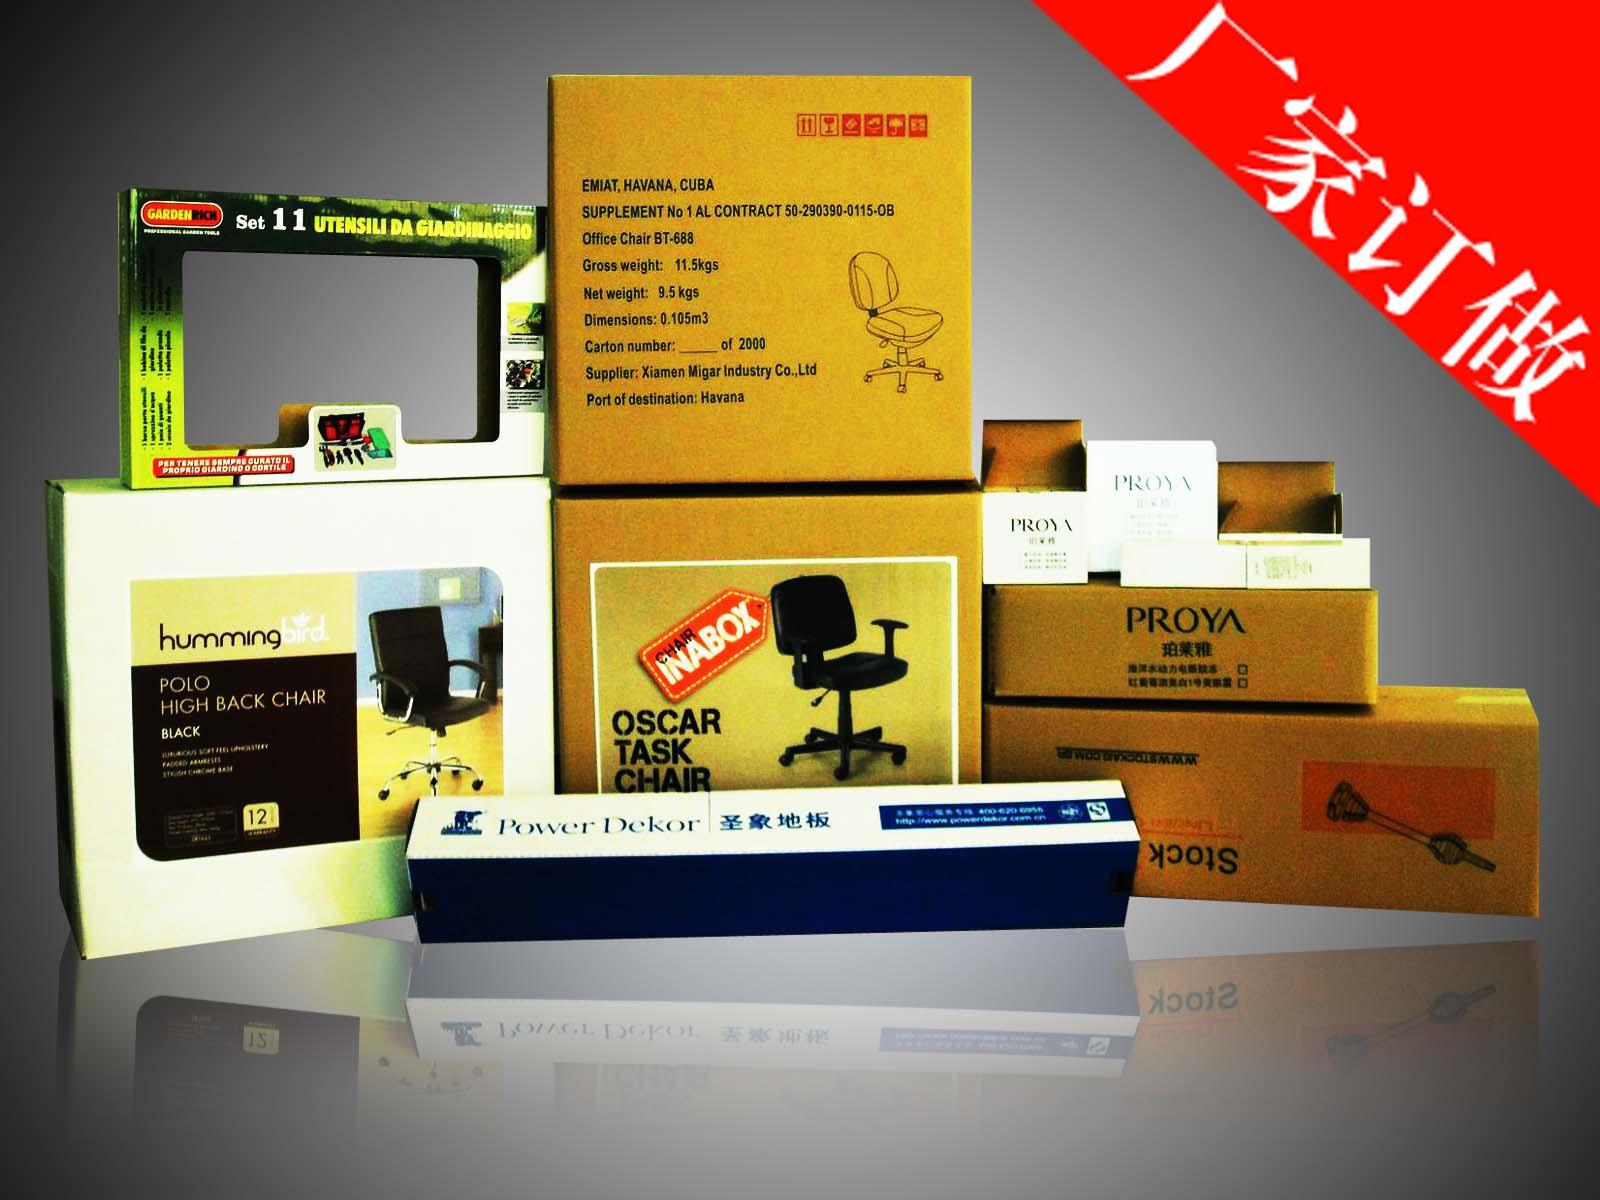 上海彩色瓦楞纸箱 上海彩色瓦椤纸盒定做 上海彩色纸箱厂家 上海彩色瓦椤礼盒订制